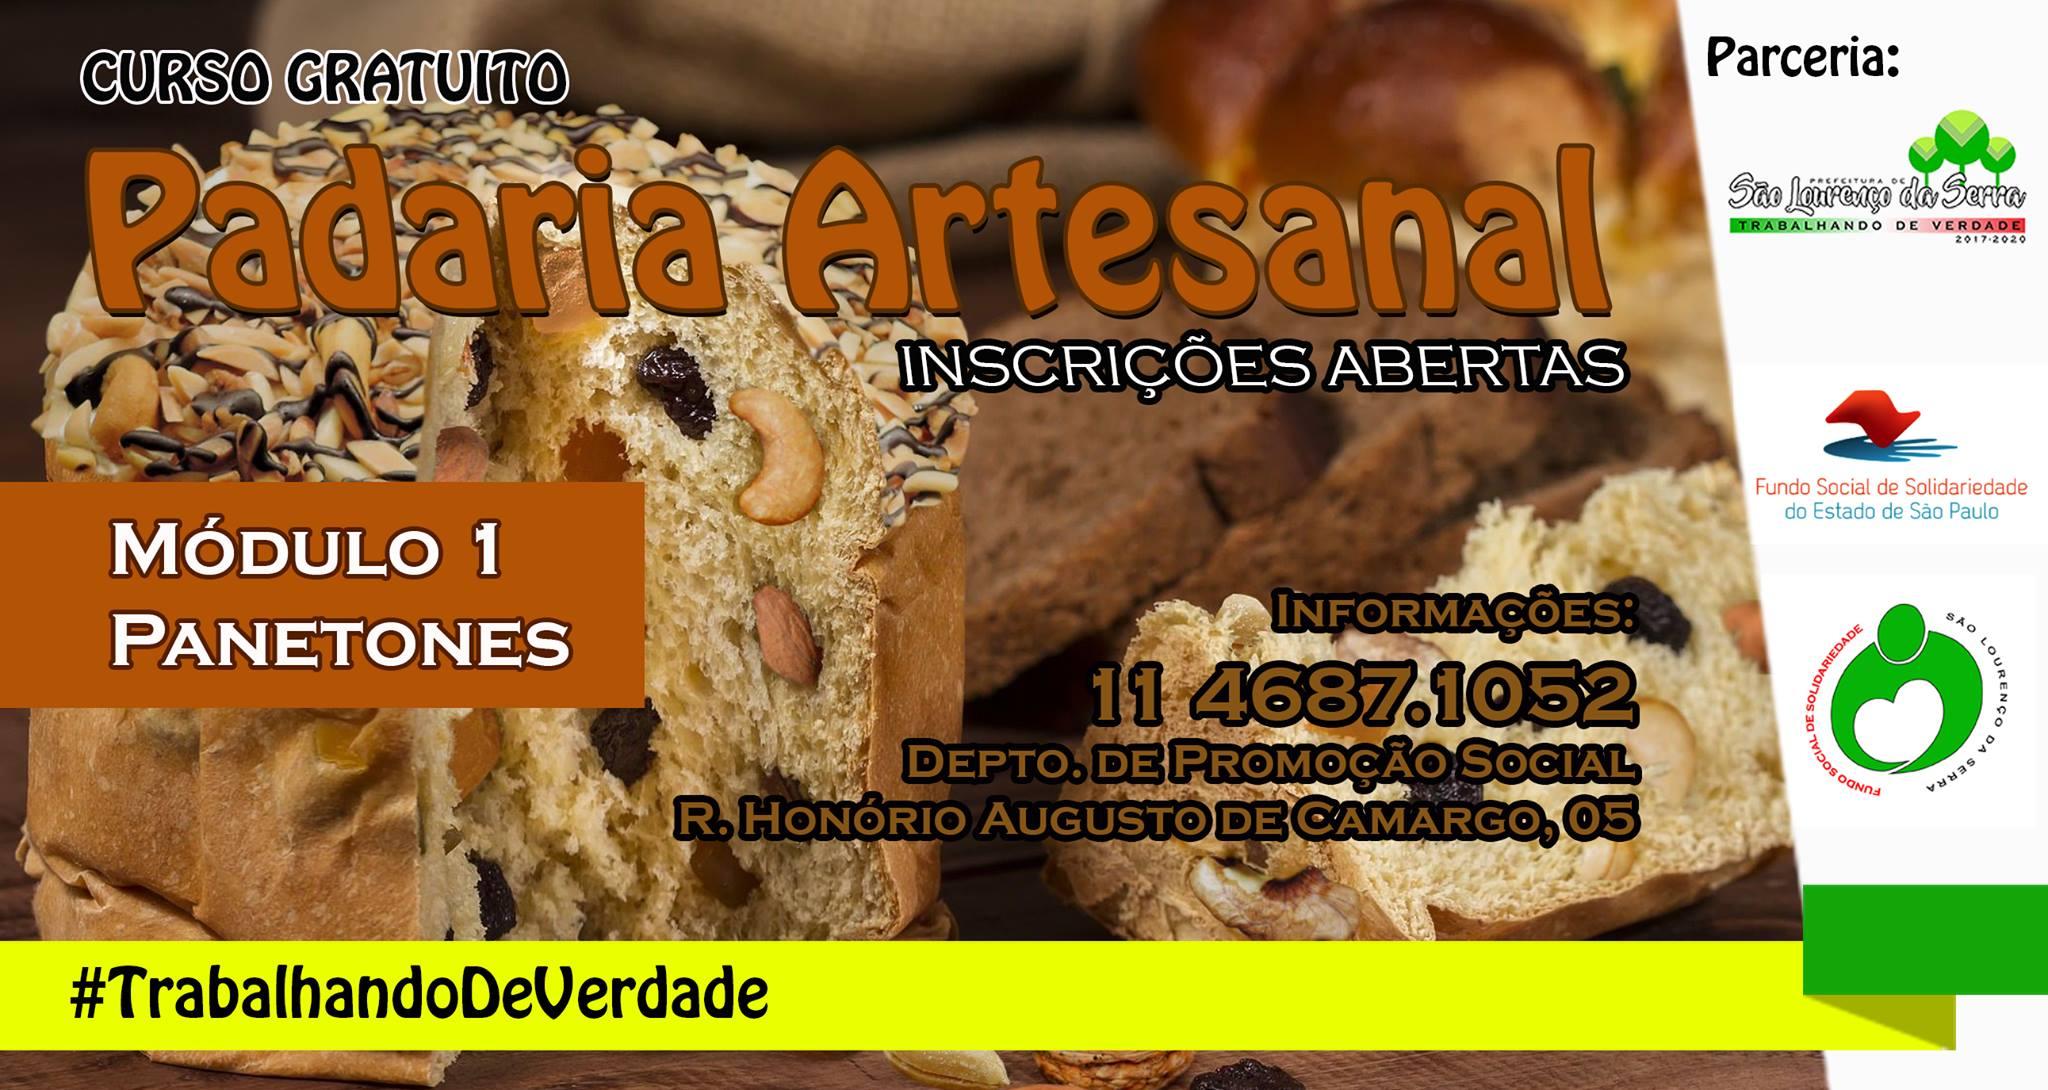 Primeiro módulo do Curso Gratuito de Padaria Artesanal em São Lourenço da Serra